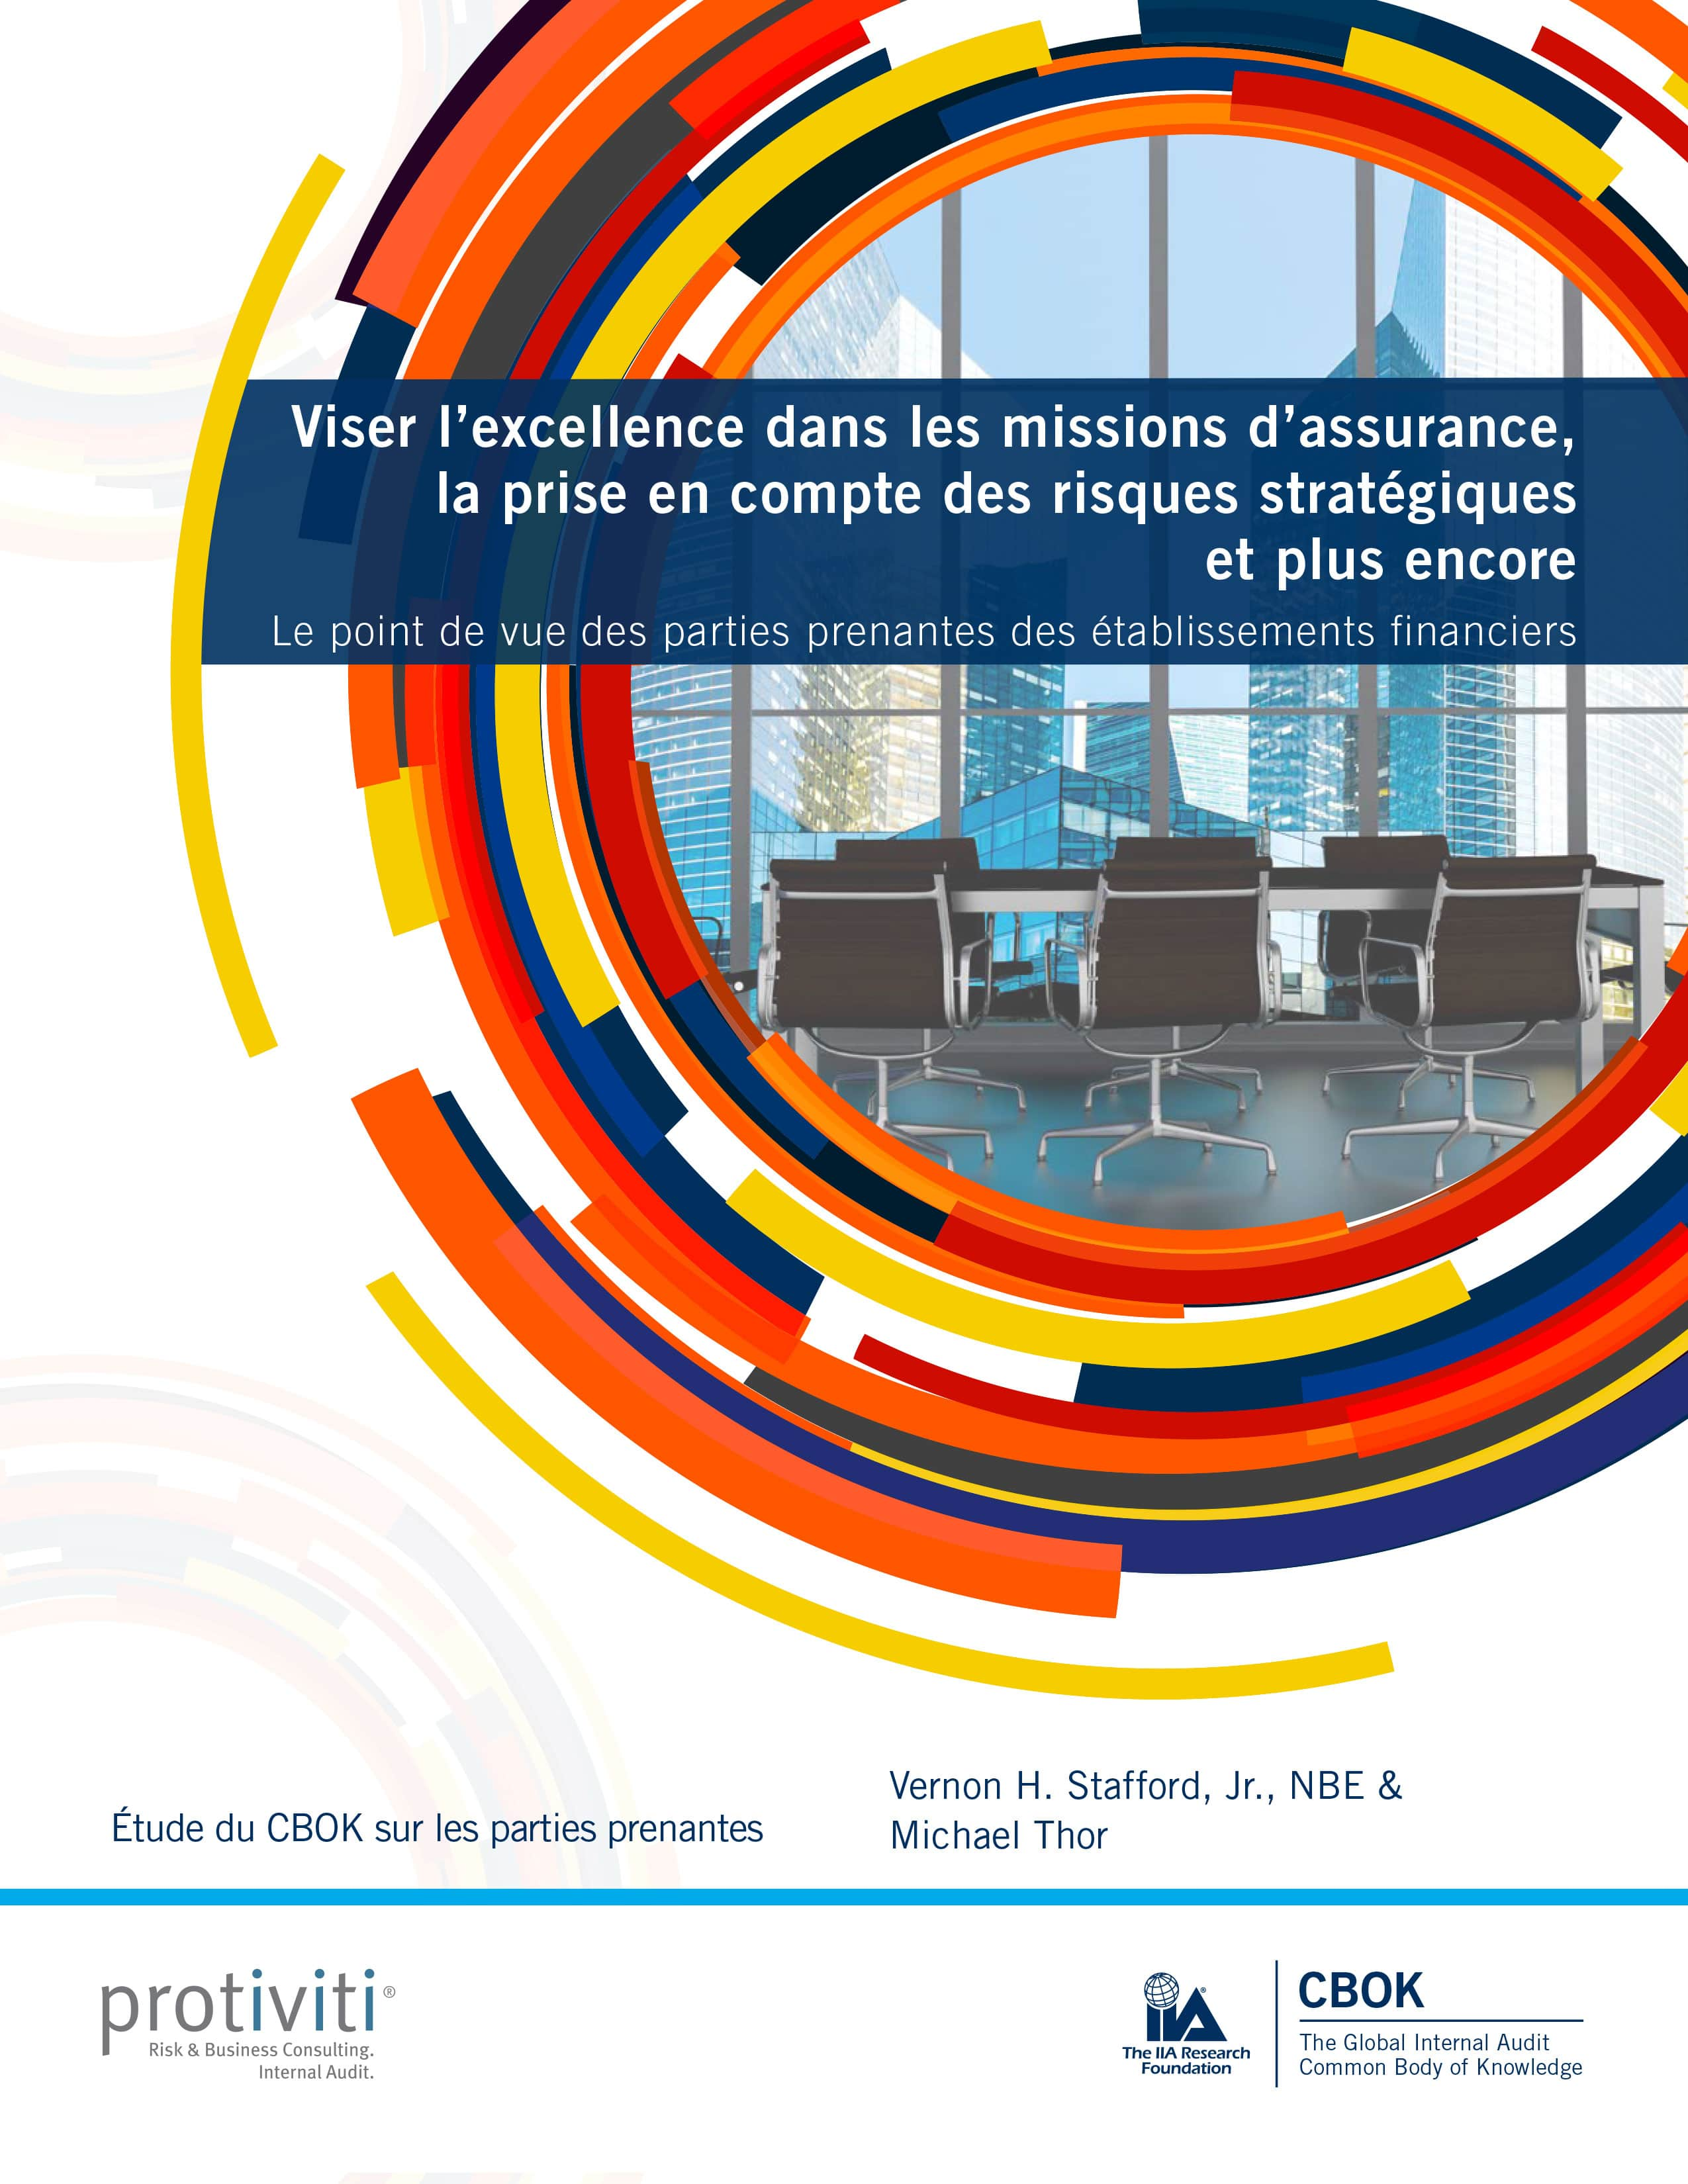 CBOK – Viser l'excellence dans les missions d'assurance, la prise en compte des risques stratégiques et plus encore – le point de vue des parties prenantes des établissements financiers